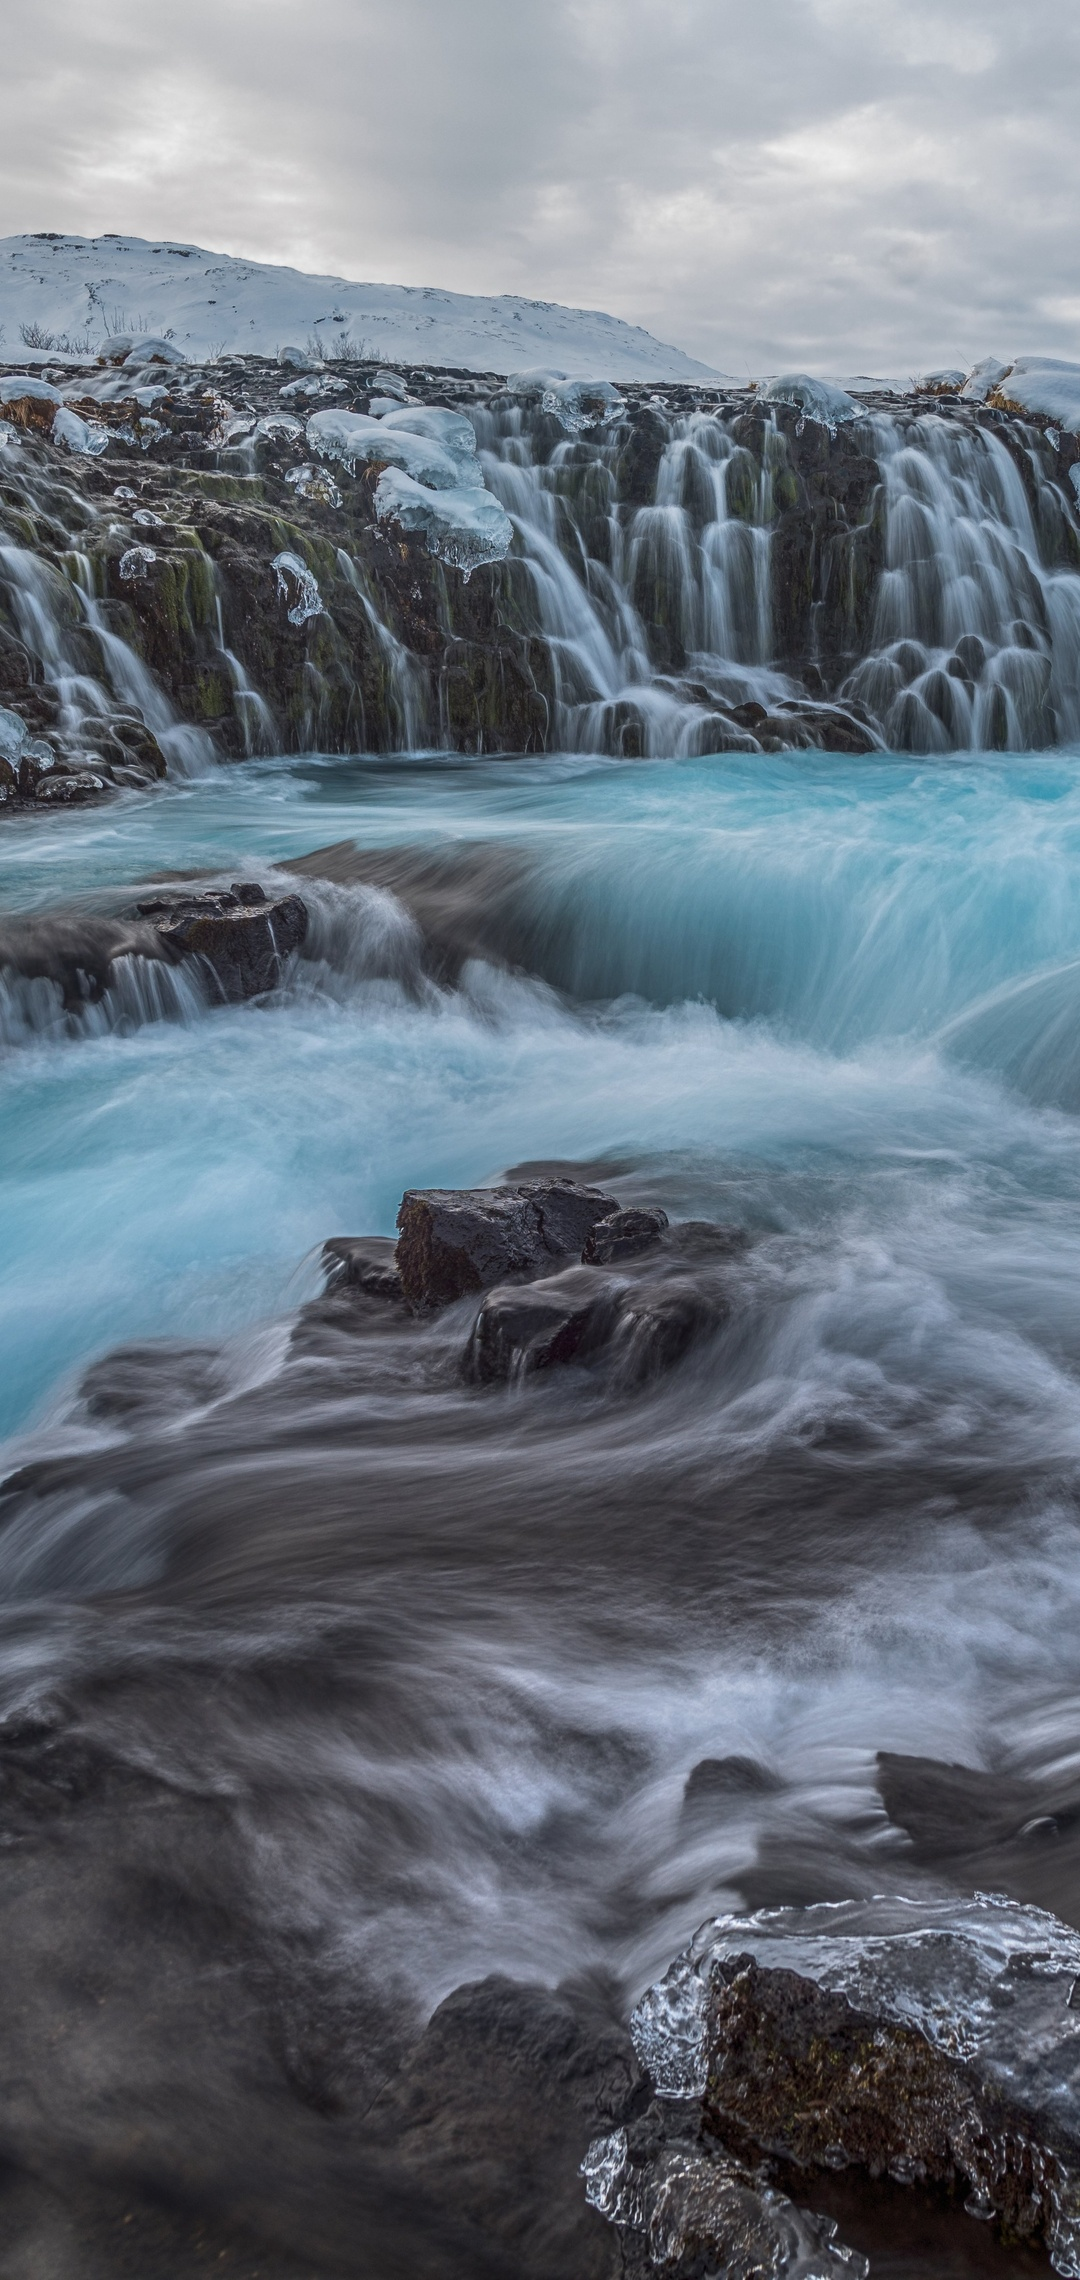 waterfall-winter-frozen-rock-8k-zw.jpg